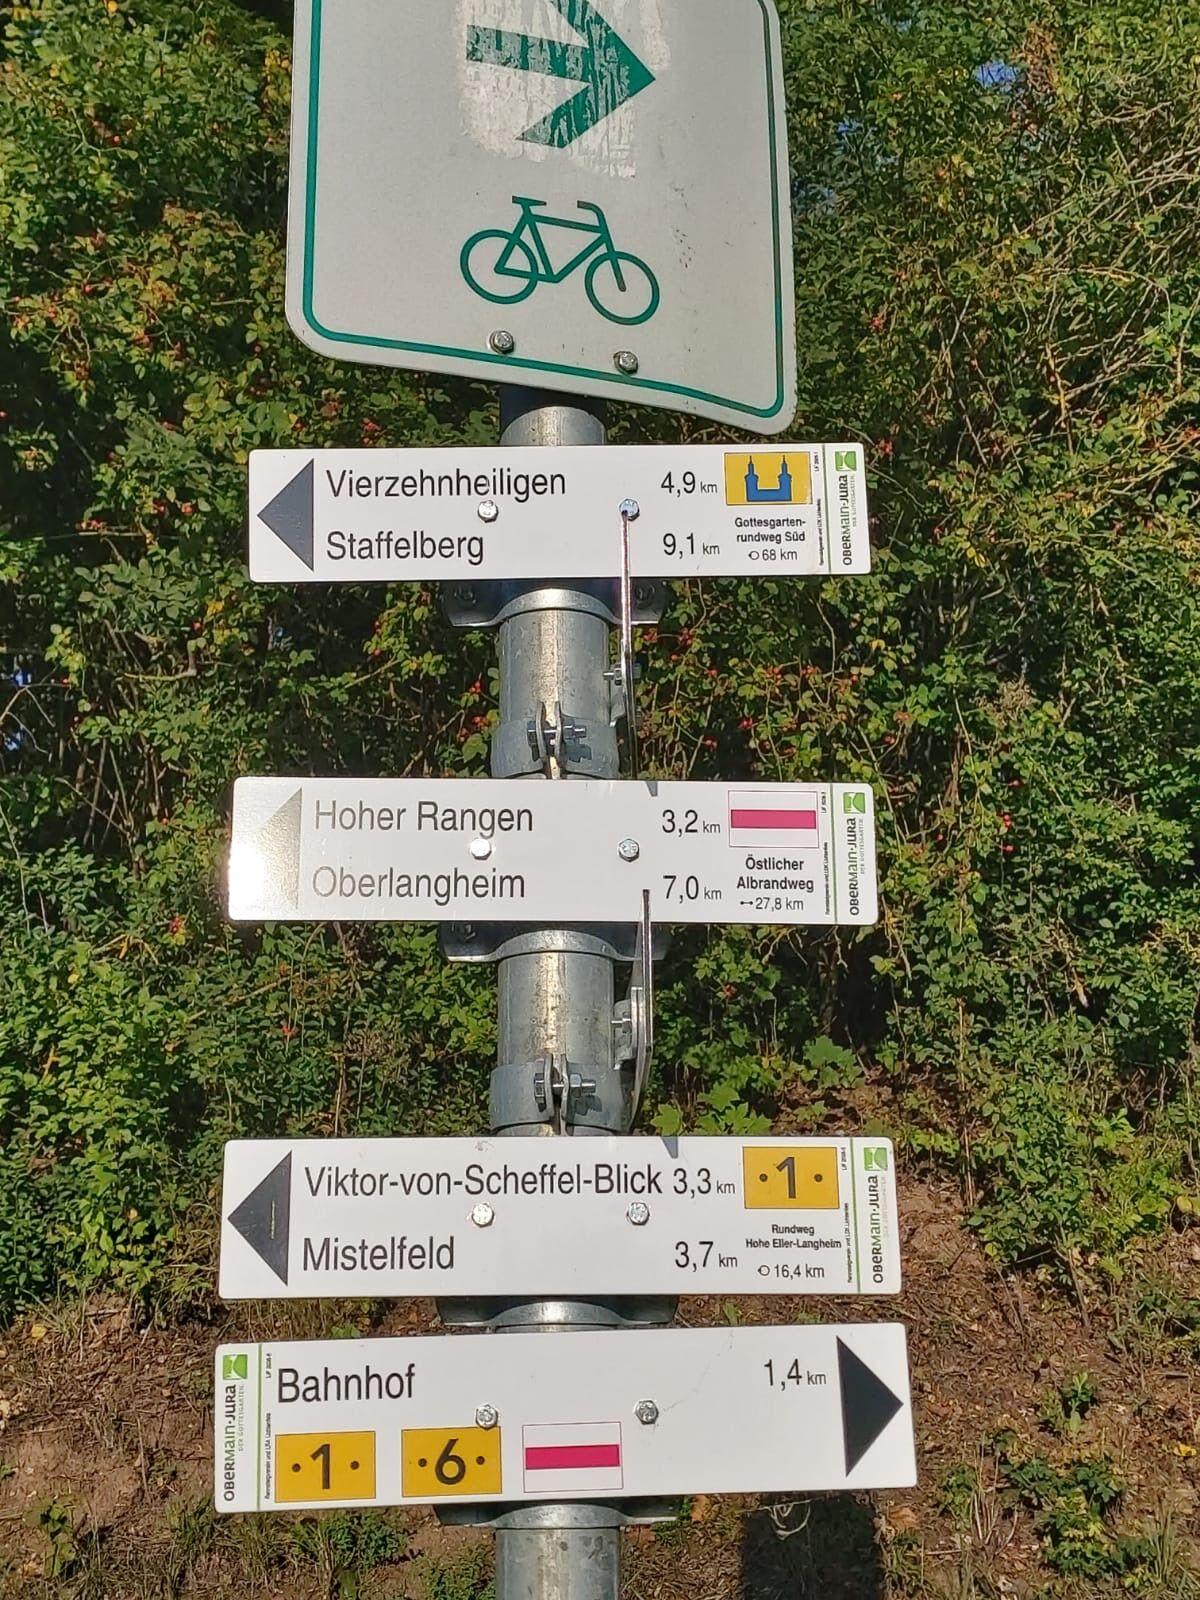 Das umfassende Wanderwegenetz bedarf Wartung. Deswegen werden derzeit Wanderwegewarte gesucht. (Foto: Tourismusregion Obermain-Jura)